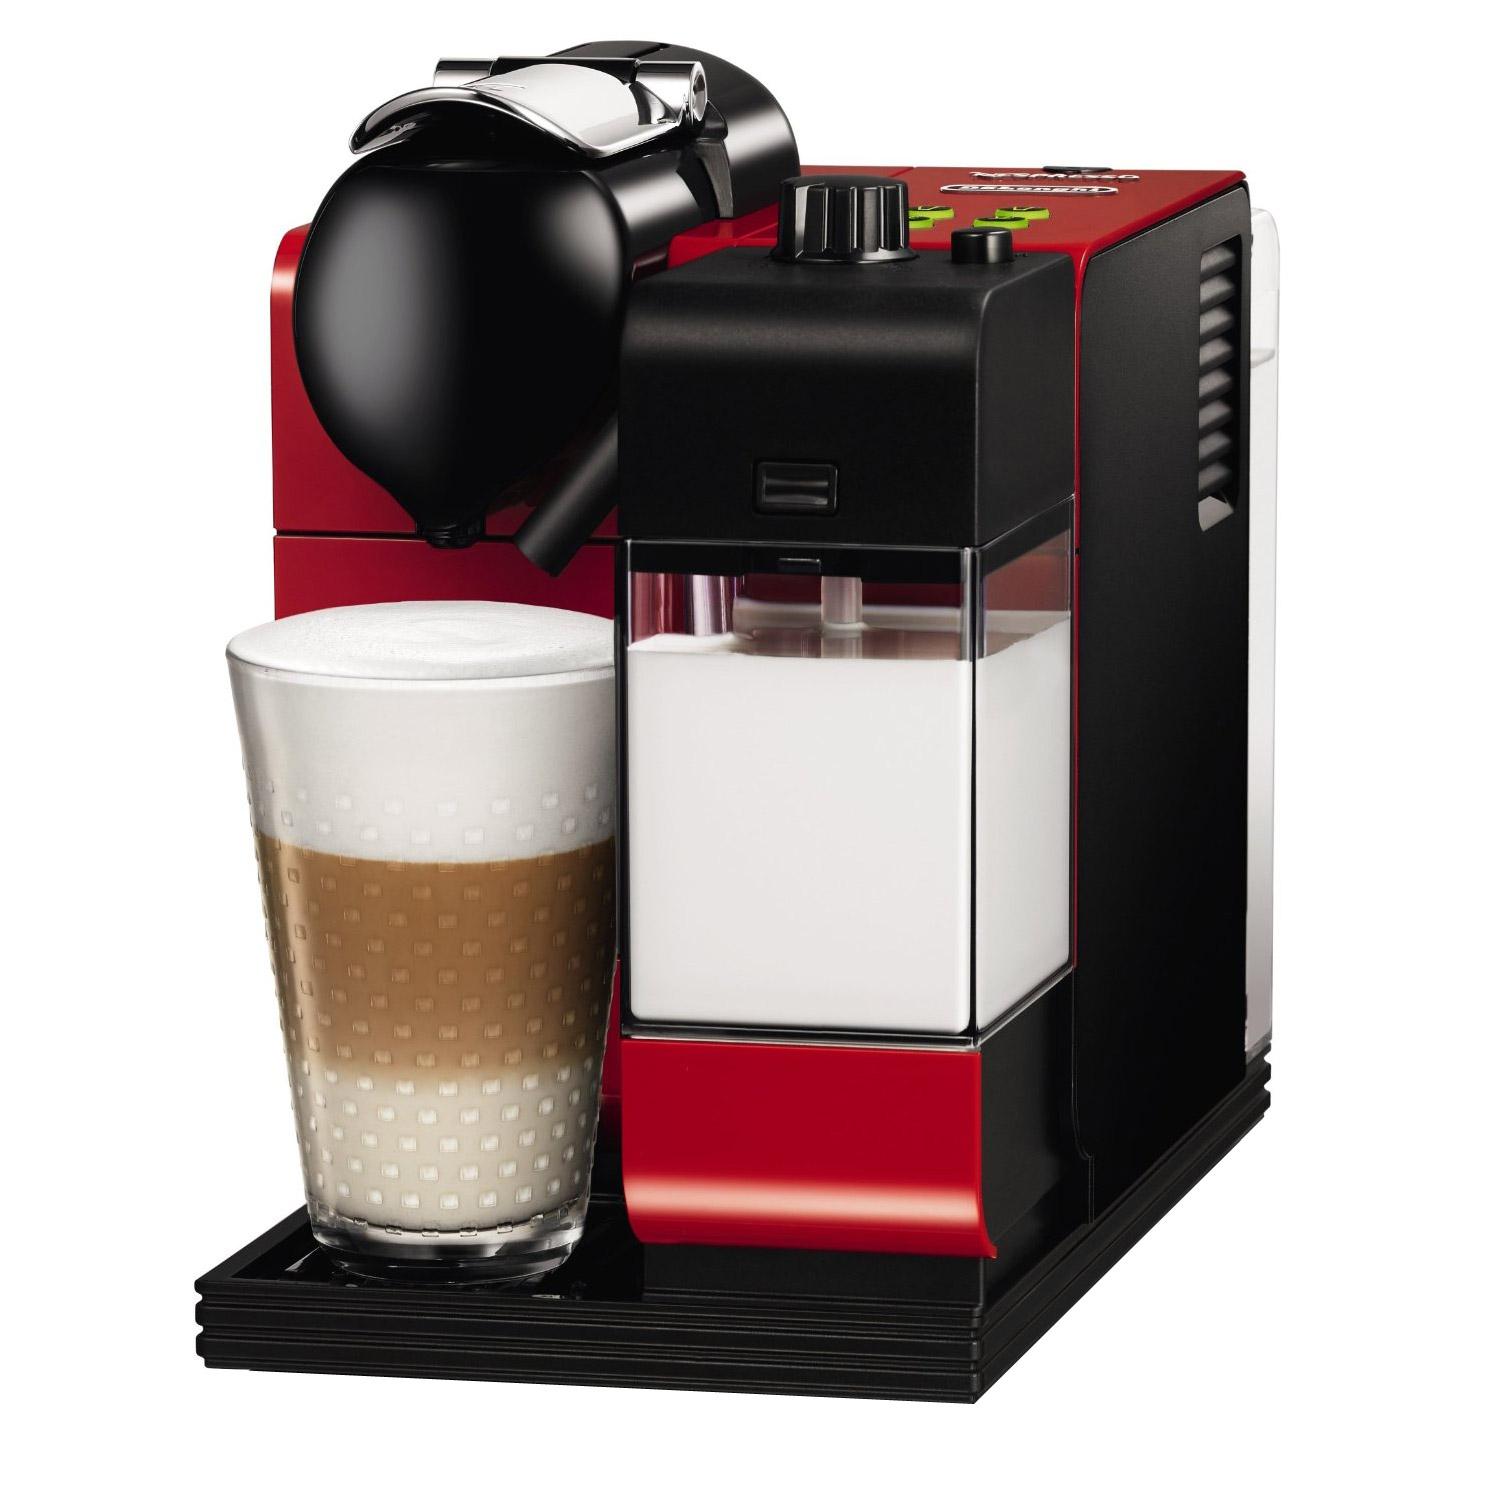 Nespresso Dual Coffee Maker : Delonghi EN550.R Nespresso Lattissima Plus Coffee Maker in Red